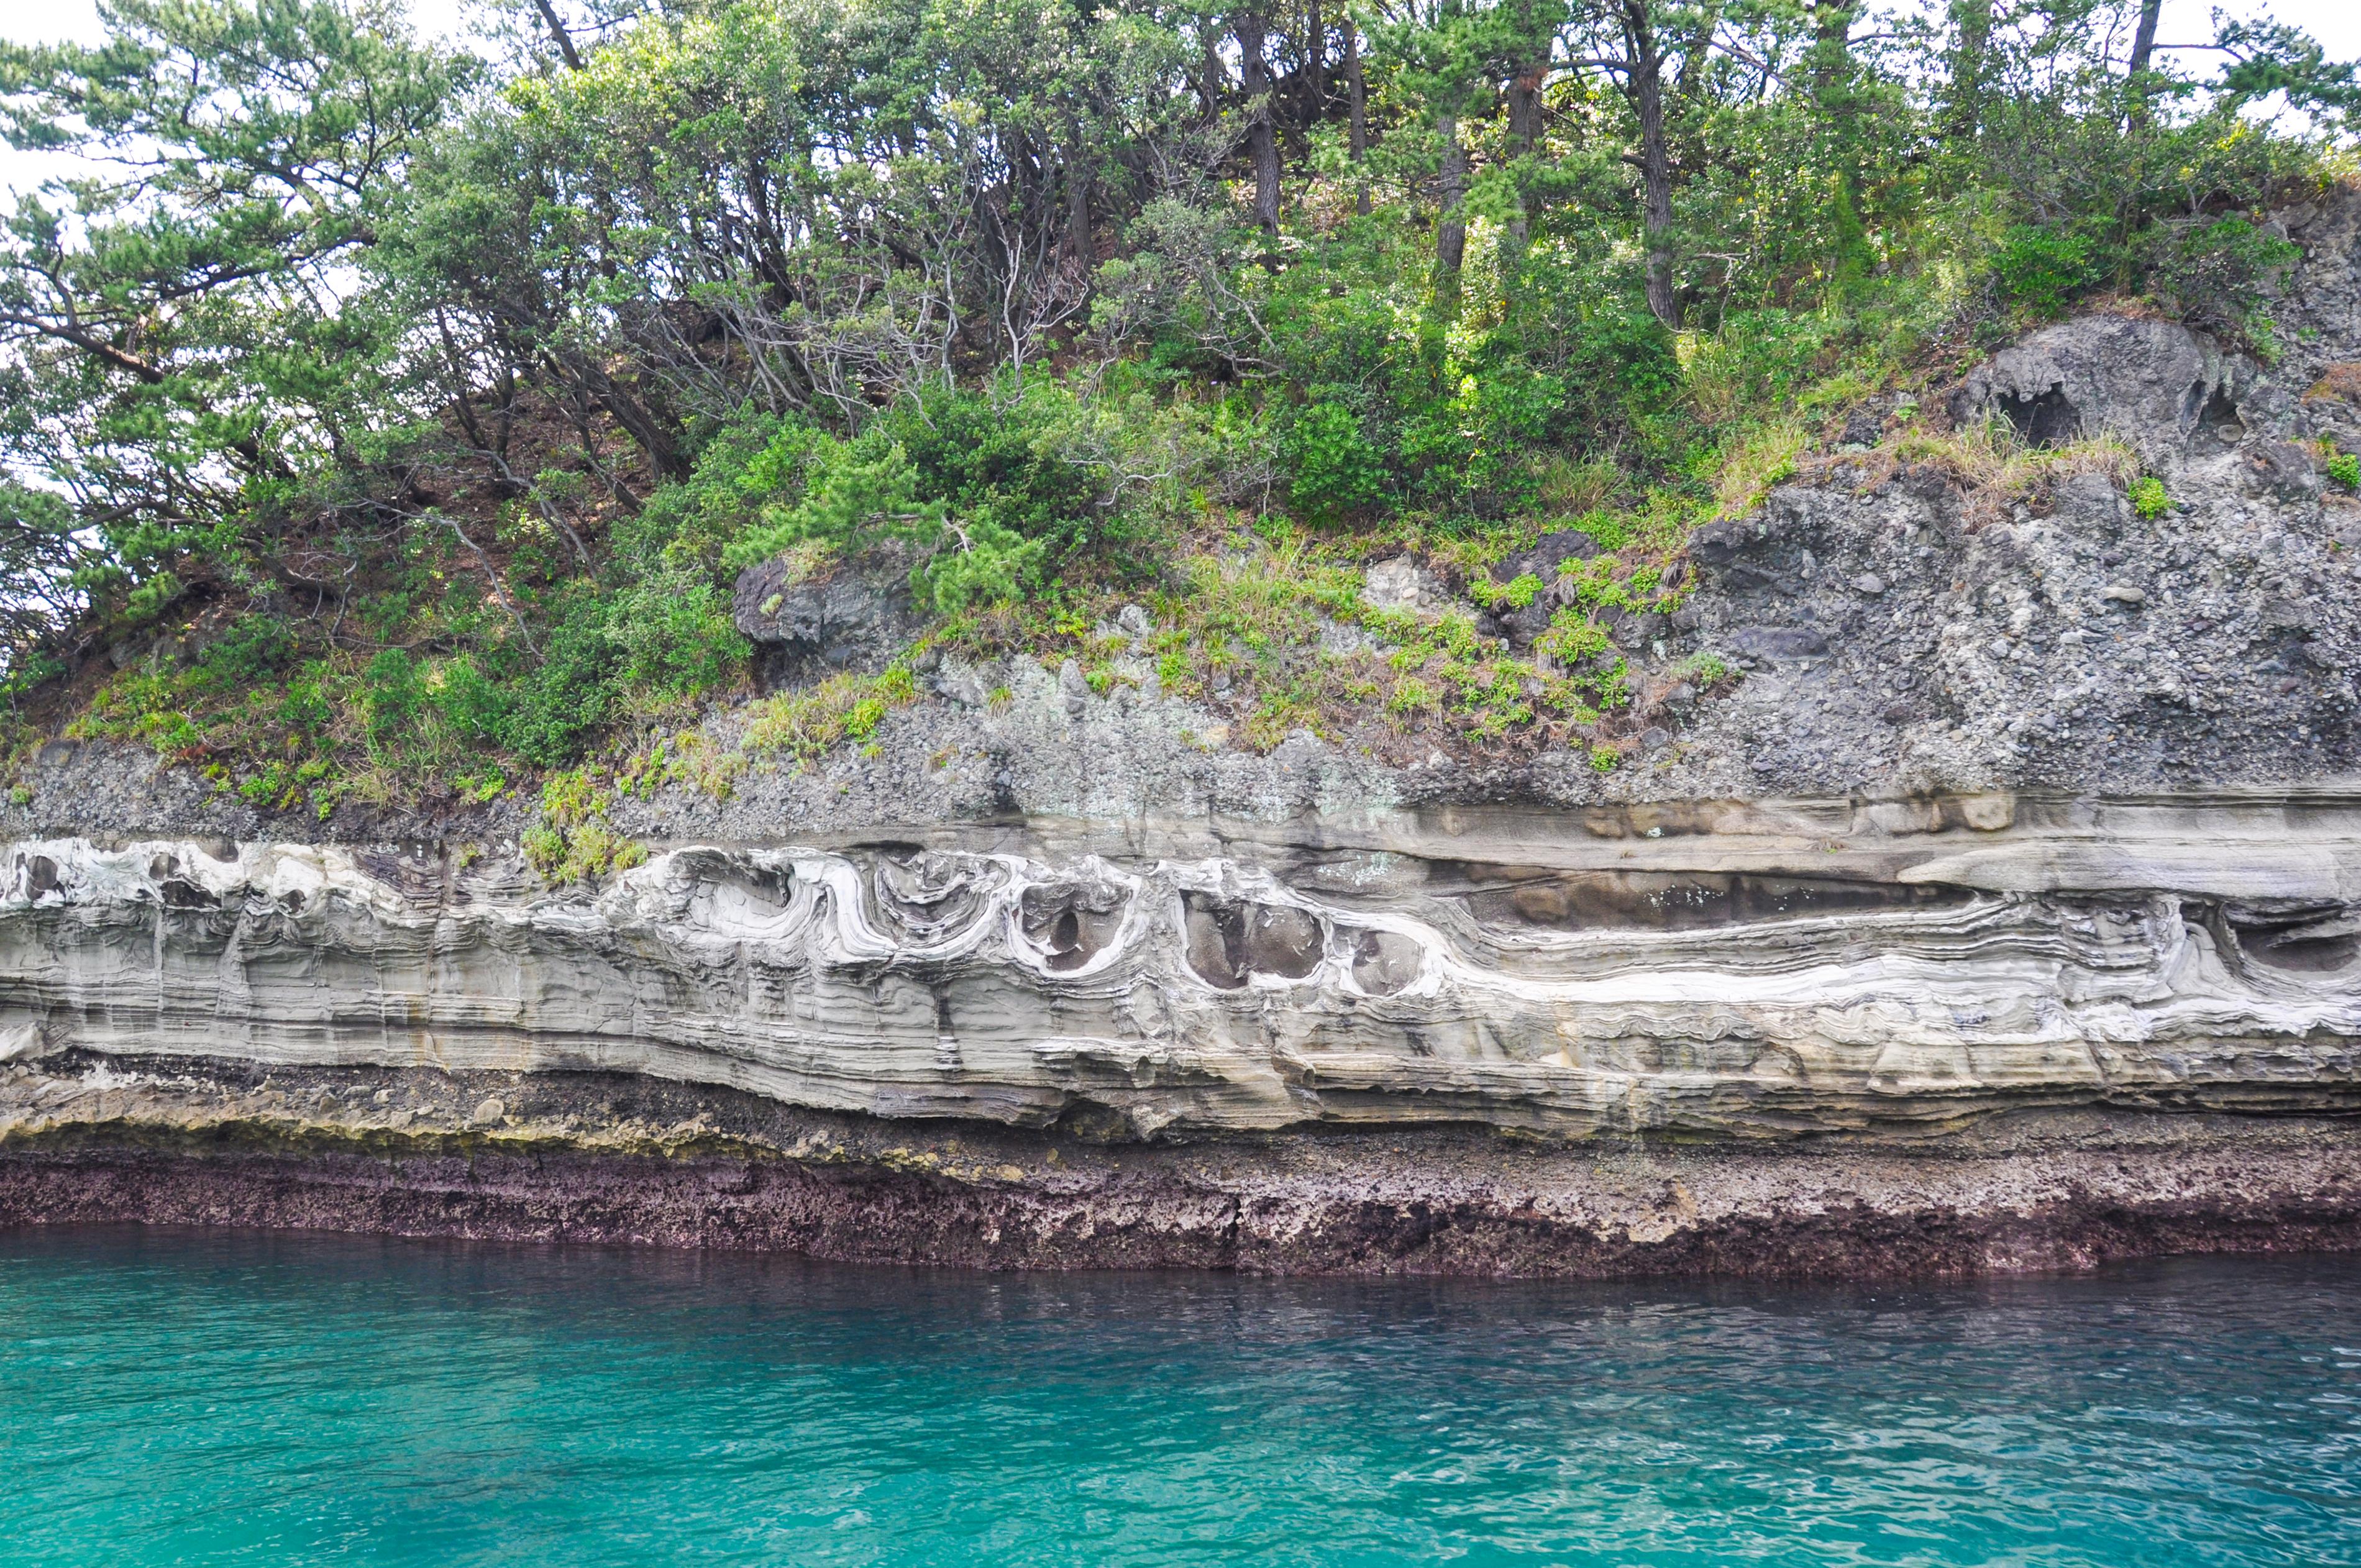 蛇島の加重痕 CC BY